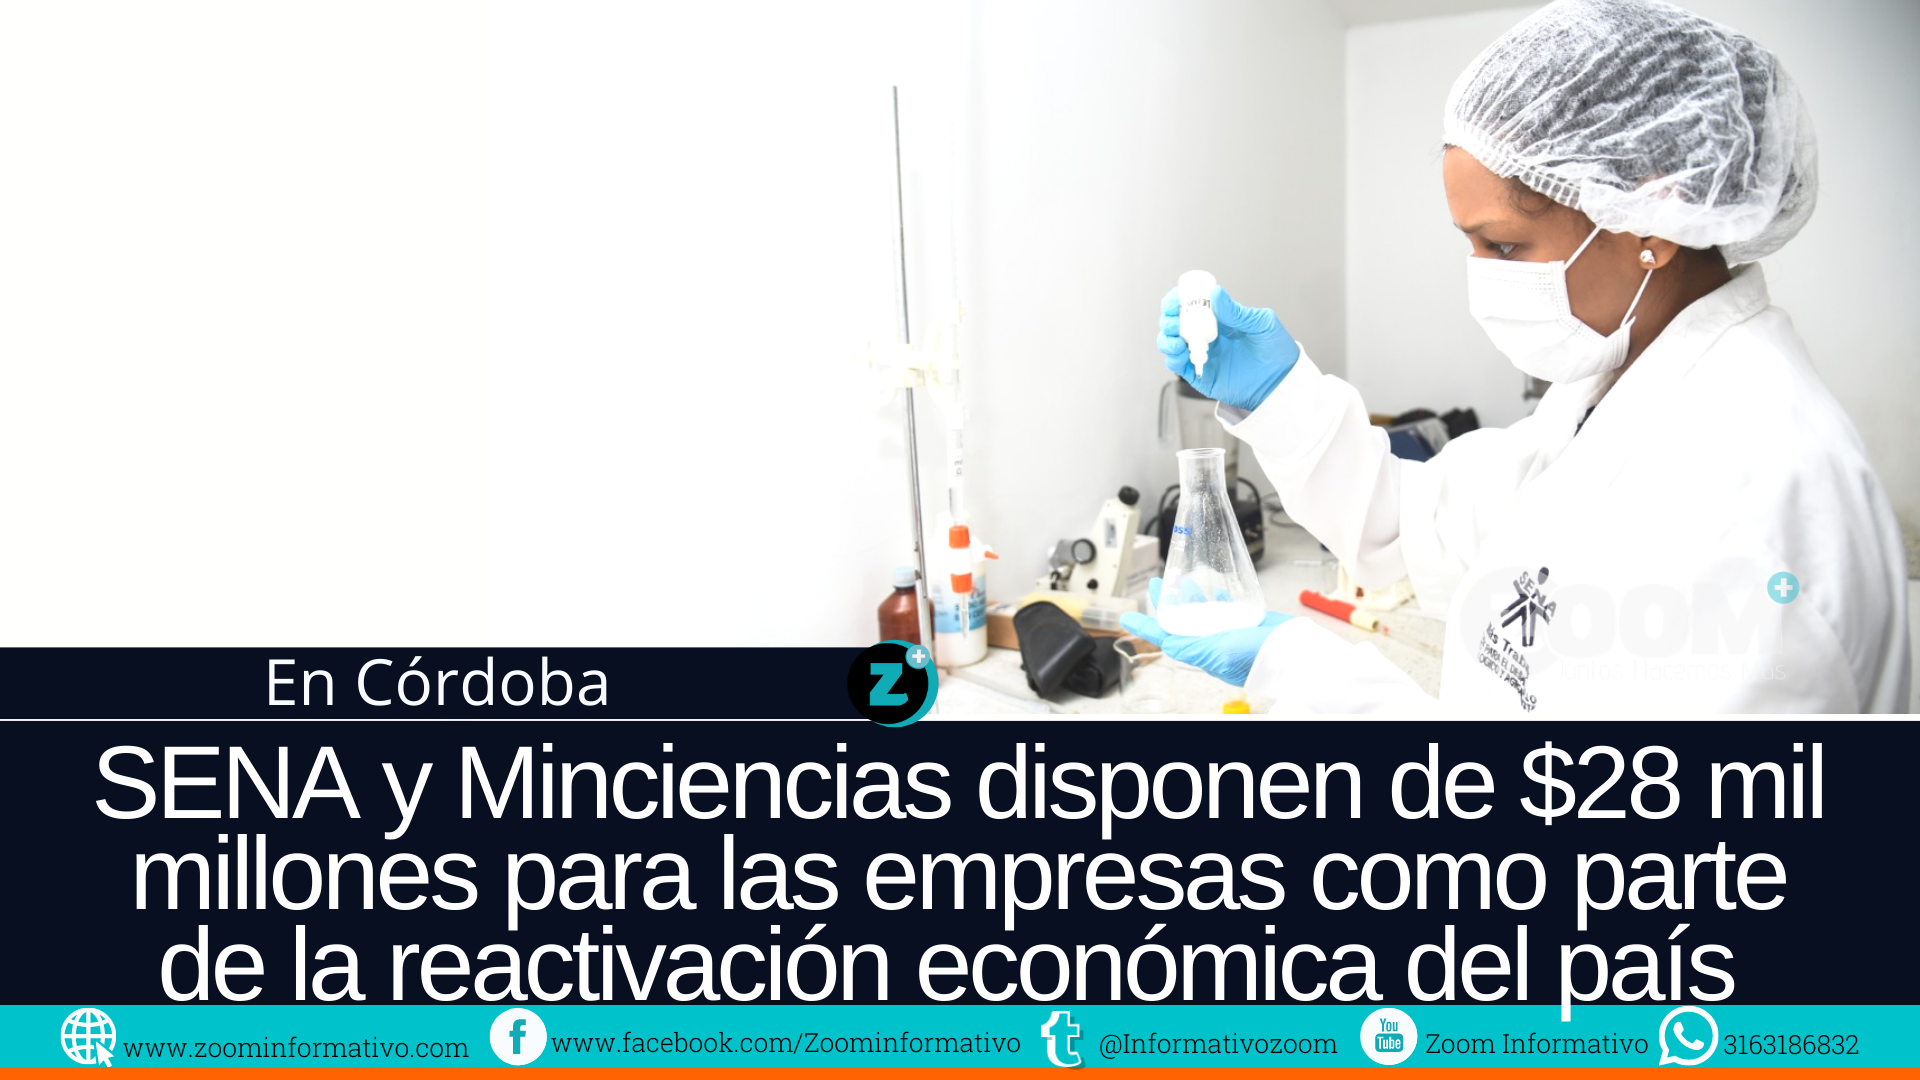 SENA y Minciencias disponen de $28 mil millones para las empresas como parte de la reactivación económica del país